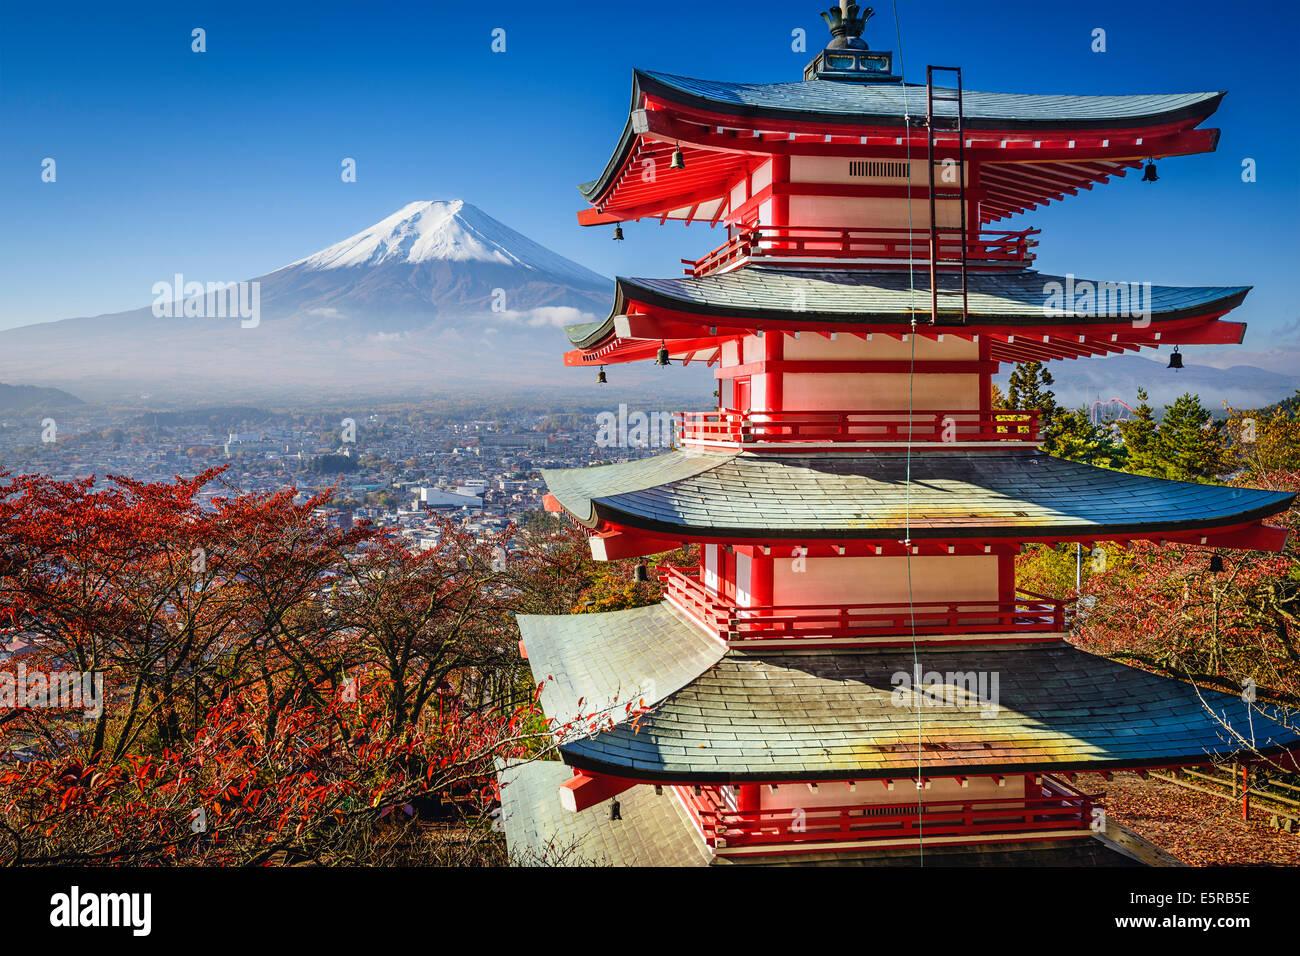 Mt. Fuji y la Pagoda durante la temporada de otoño en Japón. Imagen De Stock